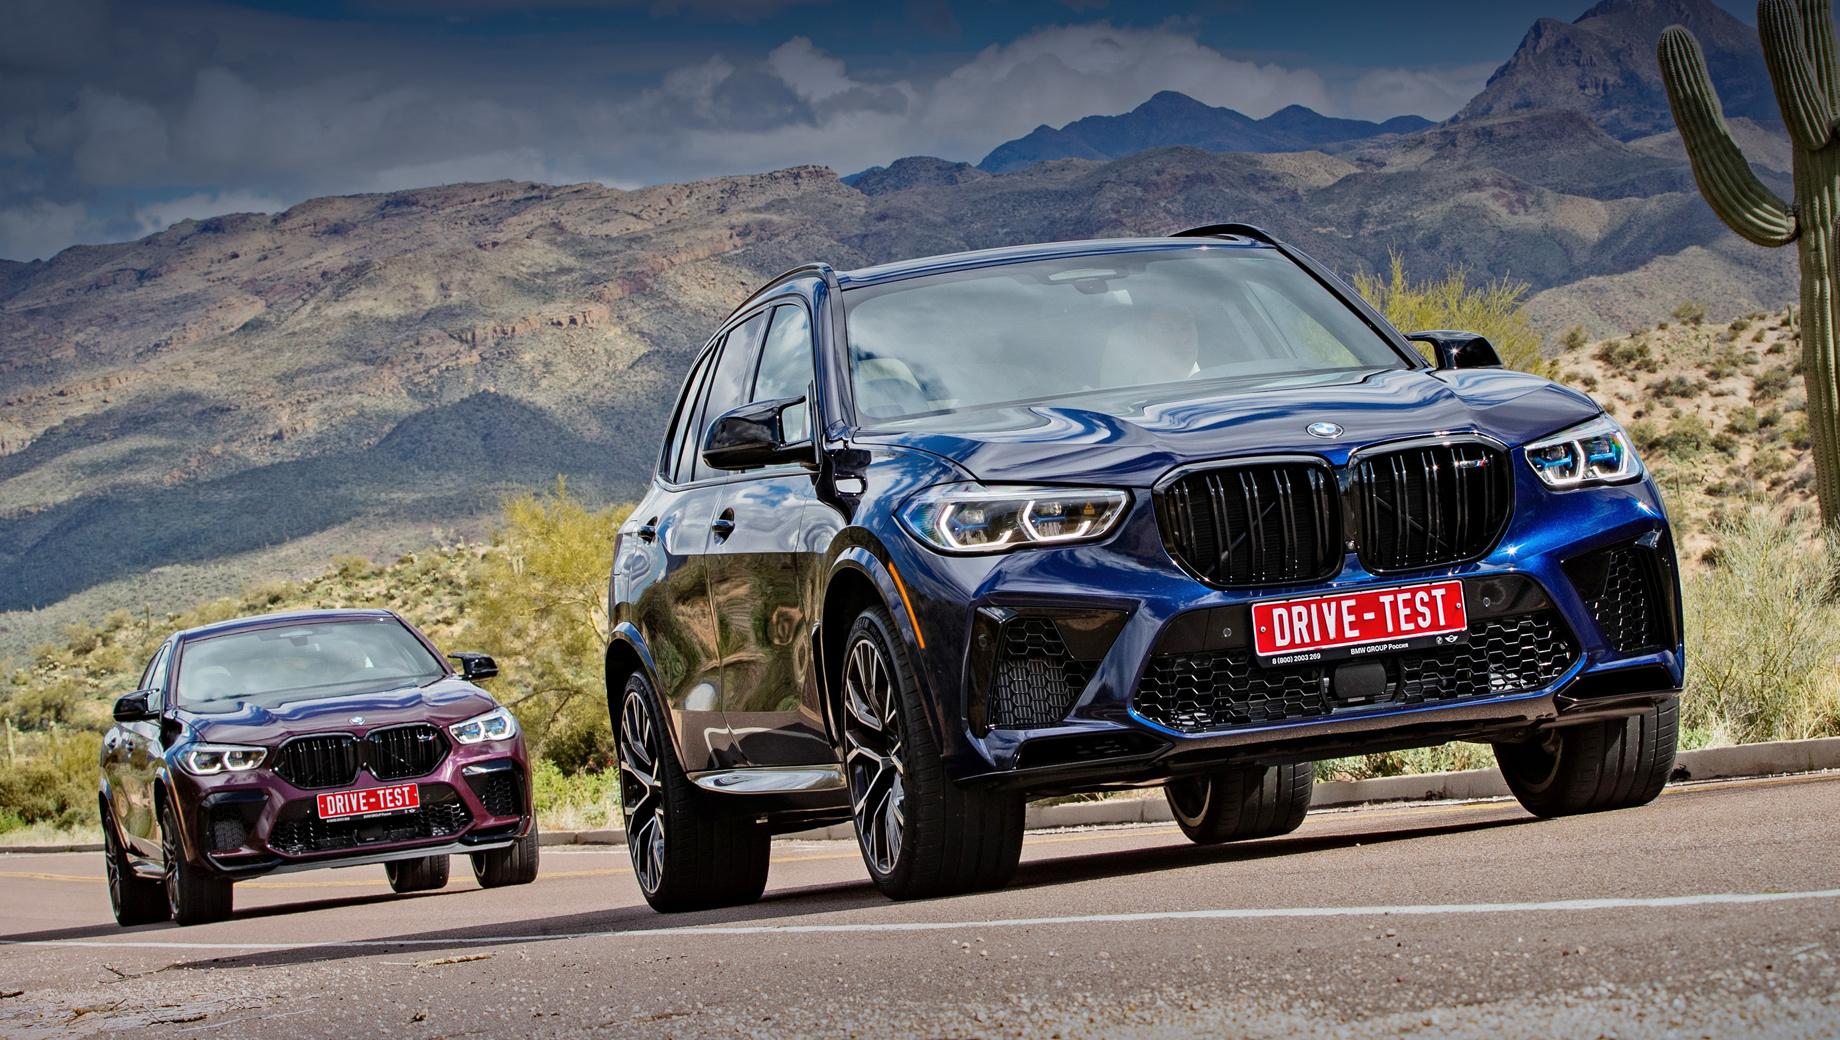 Bmw x5 m,Bmw x6 m. C апреля российским клиентам будут поставляться как обычные BMW X5 M и X6 М (600 л.с.), так и версии Competition (+25 л.с.). При прочих равных X6 M дороже на 400 тысяч рублей. Диапазон цен на X5 M ― 8,99–12,13 млн рублей, на X6 M ― от 9,39 до 12,63 млн рублей.